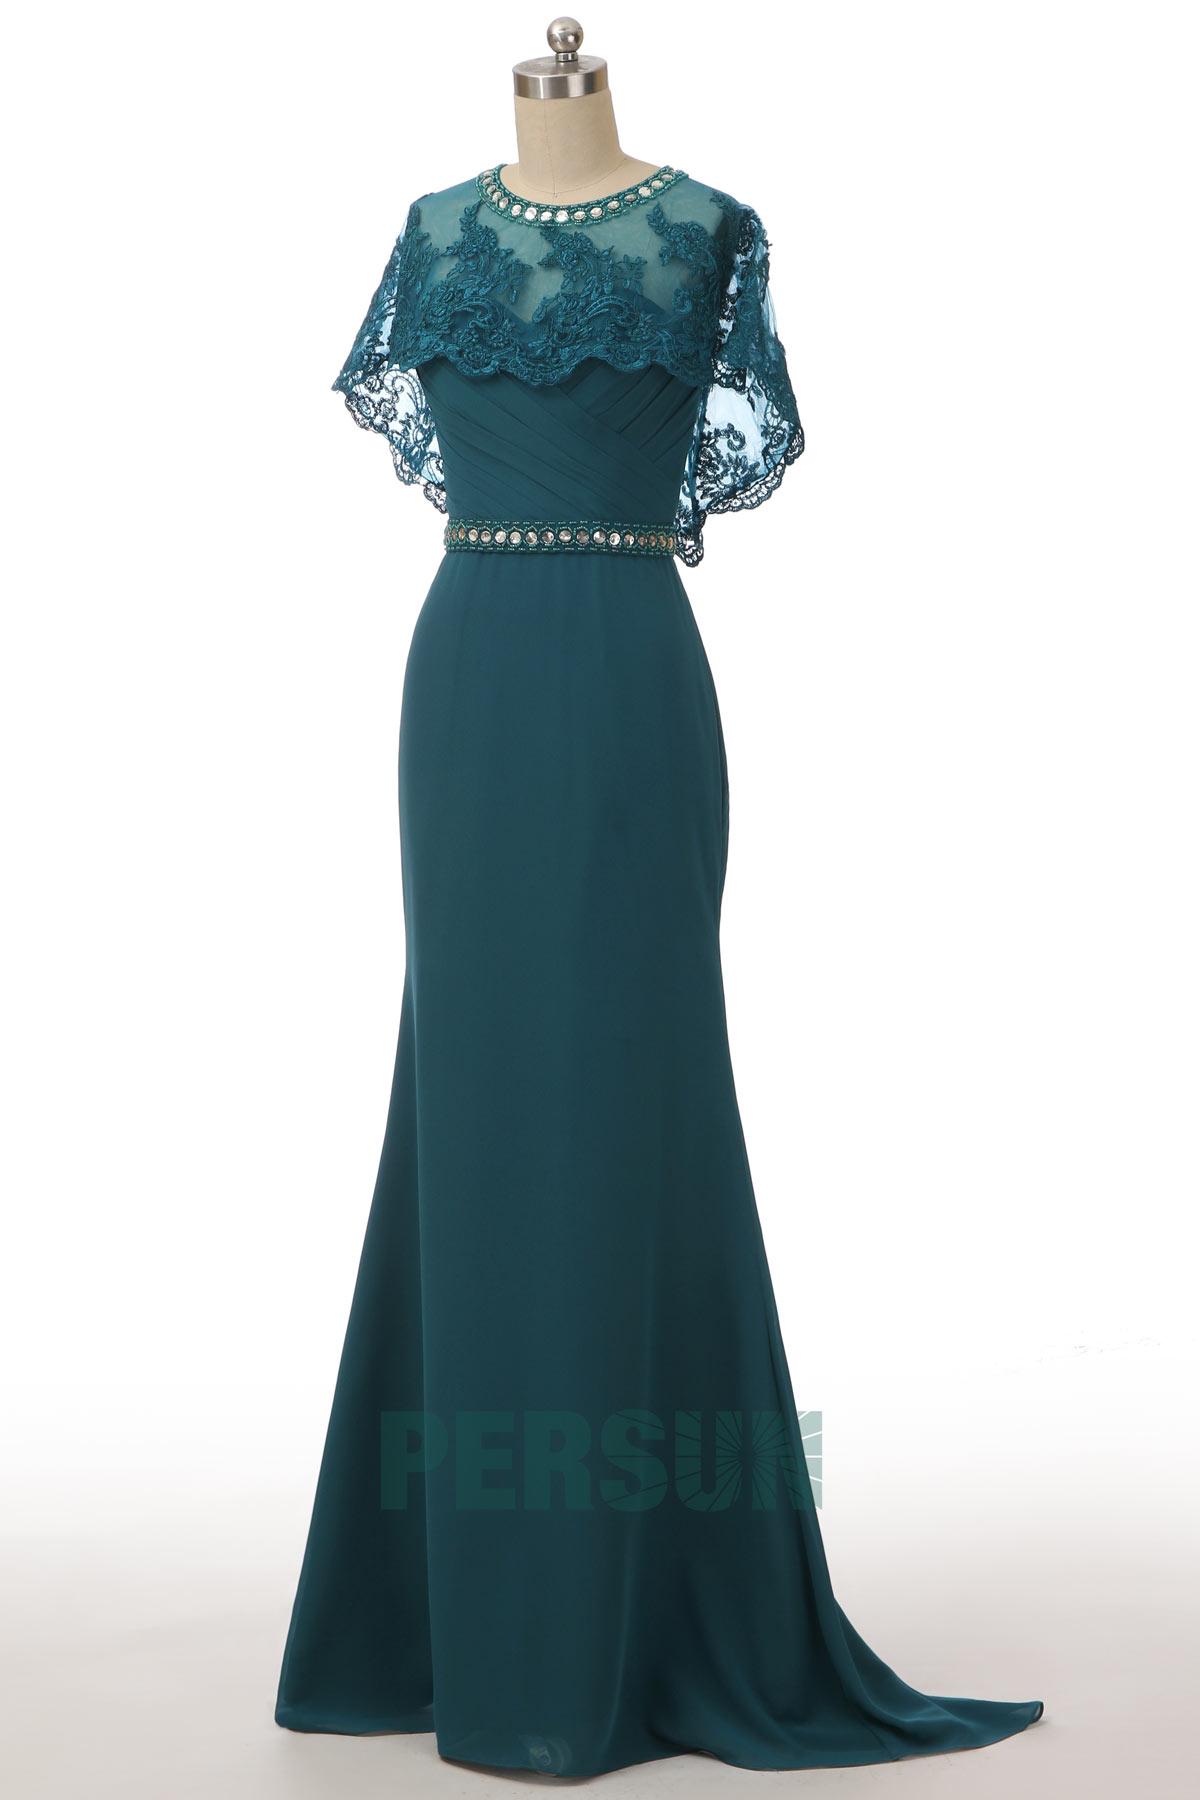 robe de soirée sirène vert pin bustier coeur taille ornée de strass avec cape en dentelle détachable